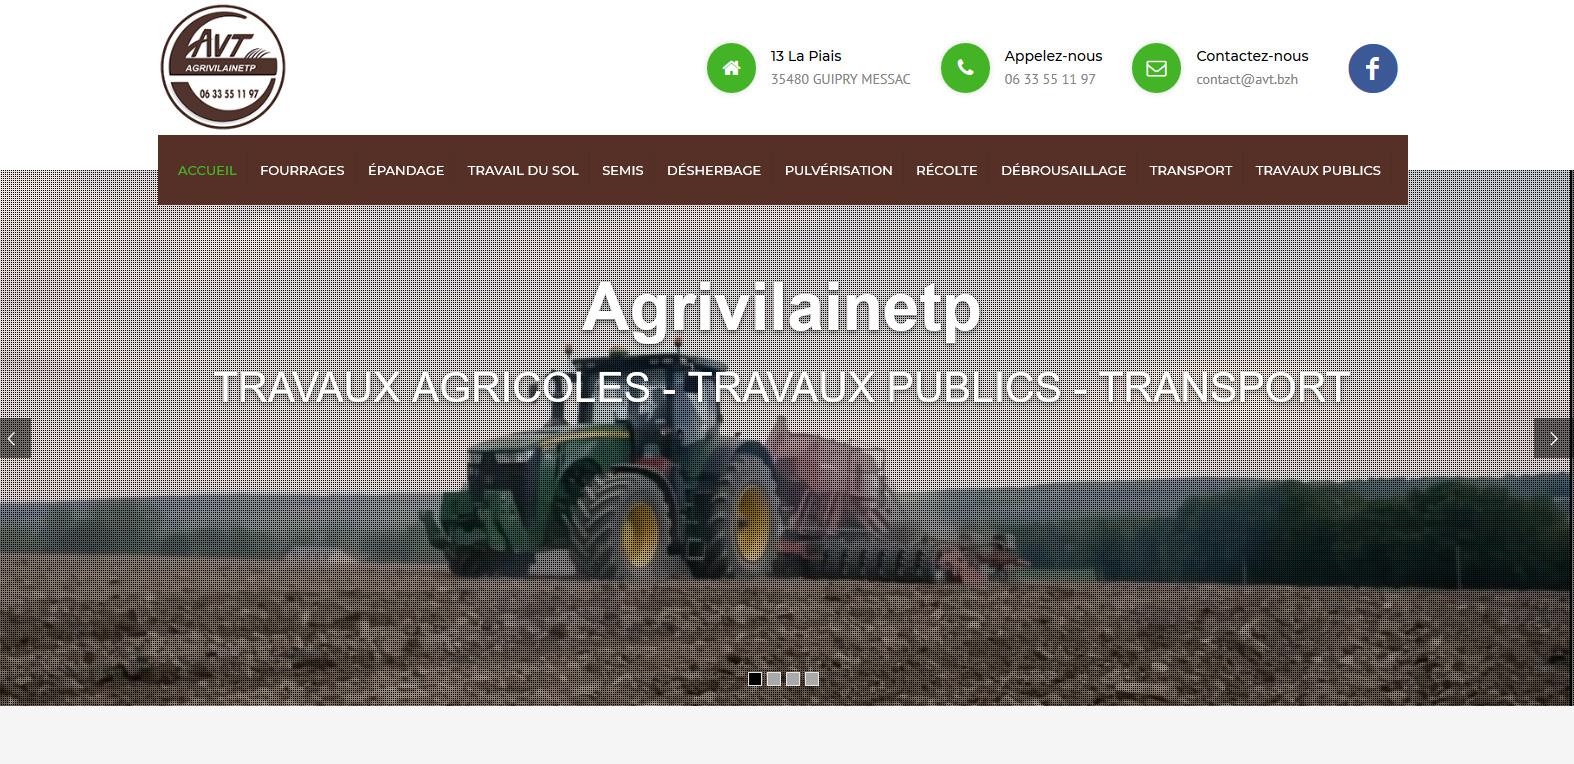 Agrivilainetp-travaux-agricoles,-publics-Guipry-Messac–ACCUEIL1